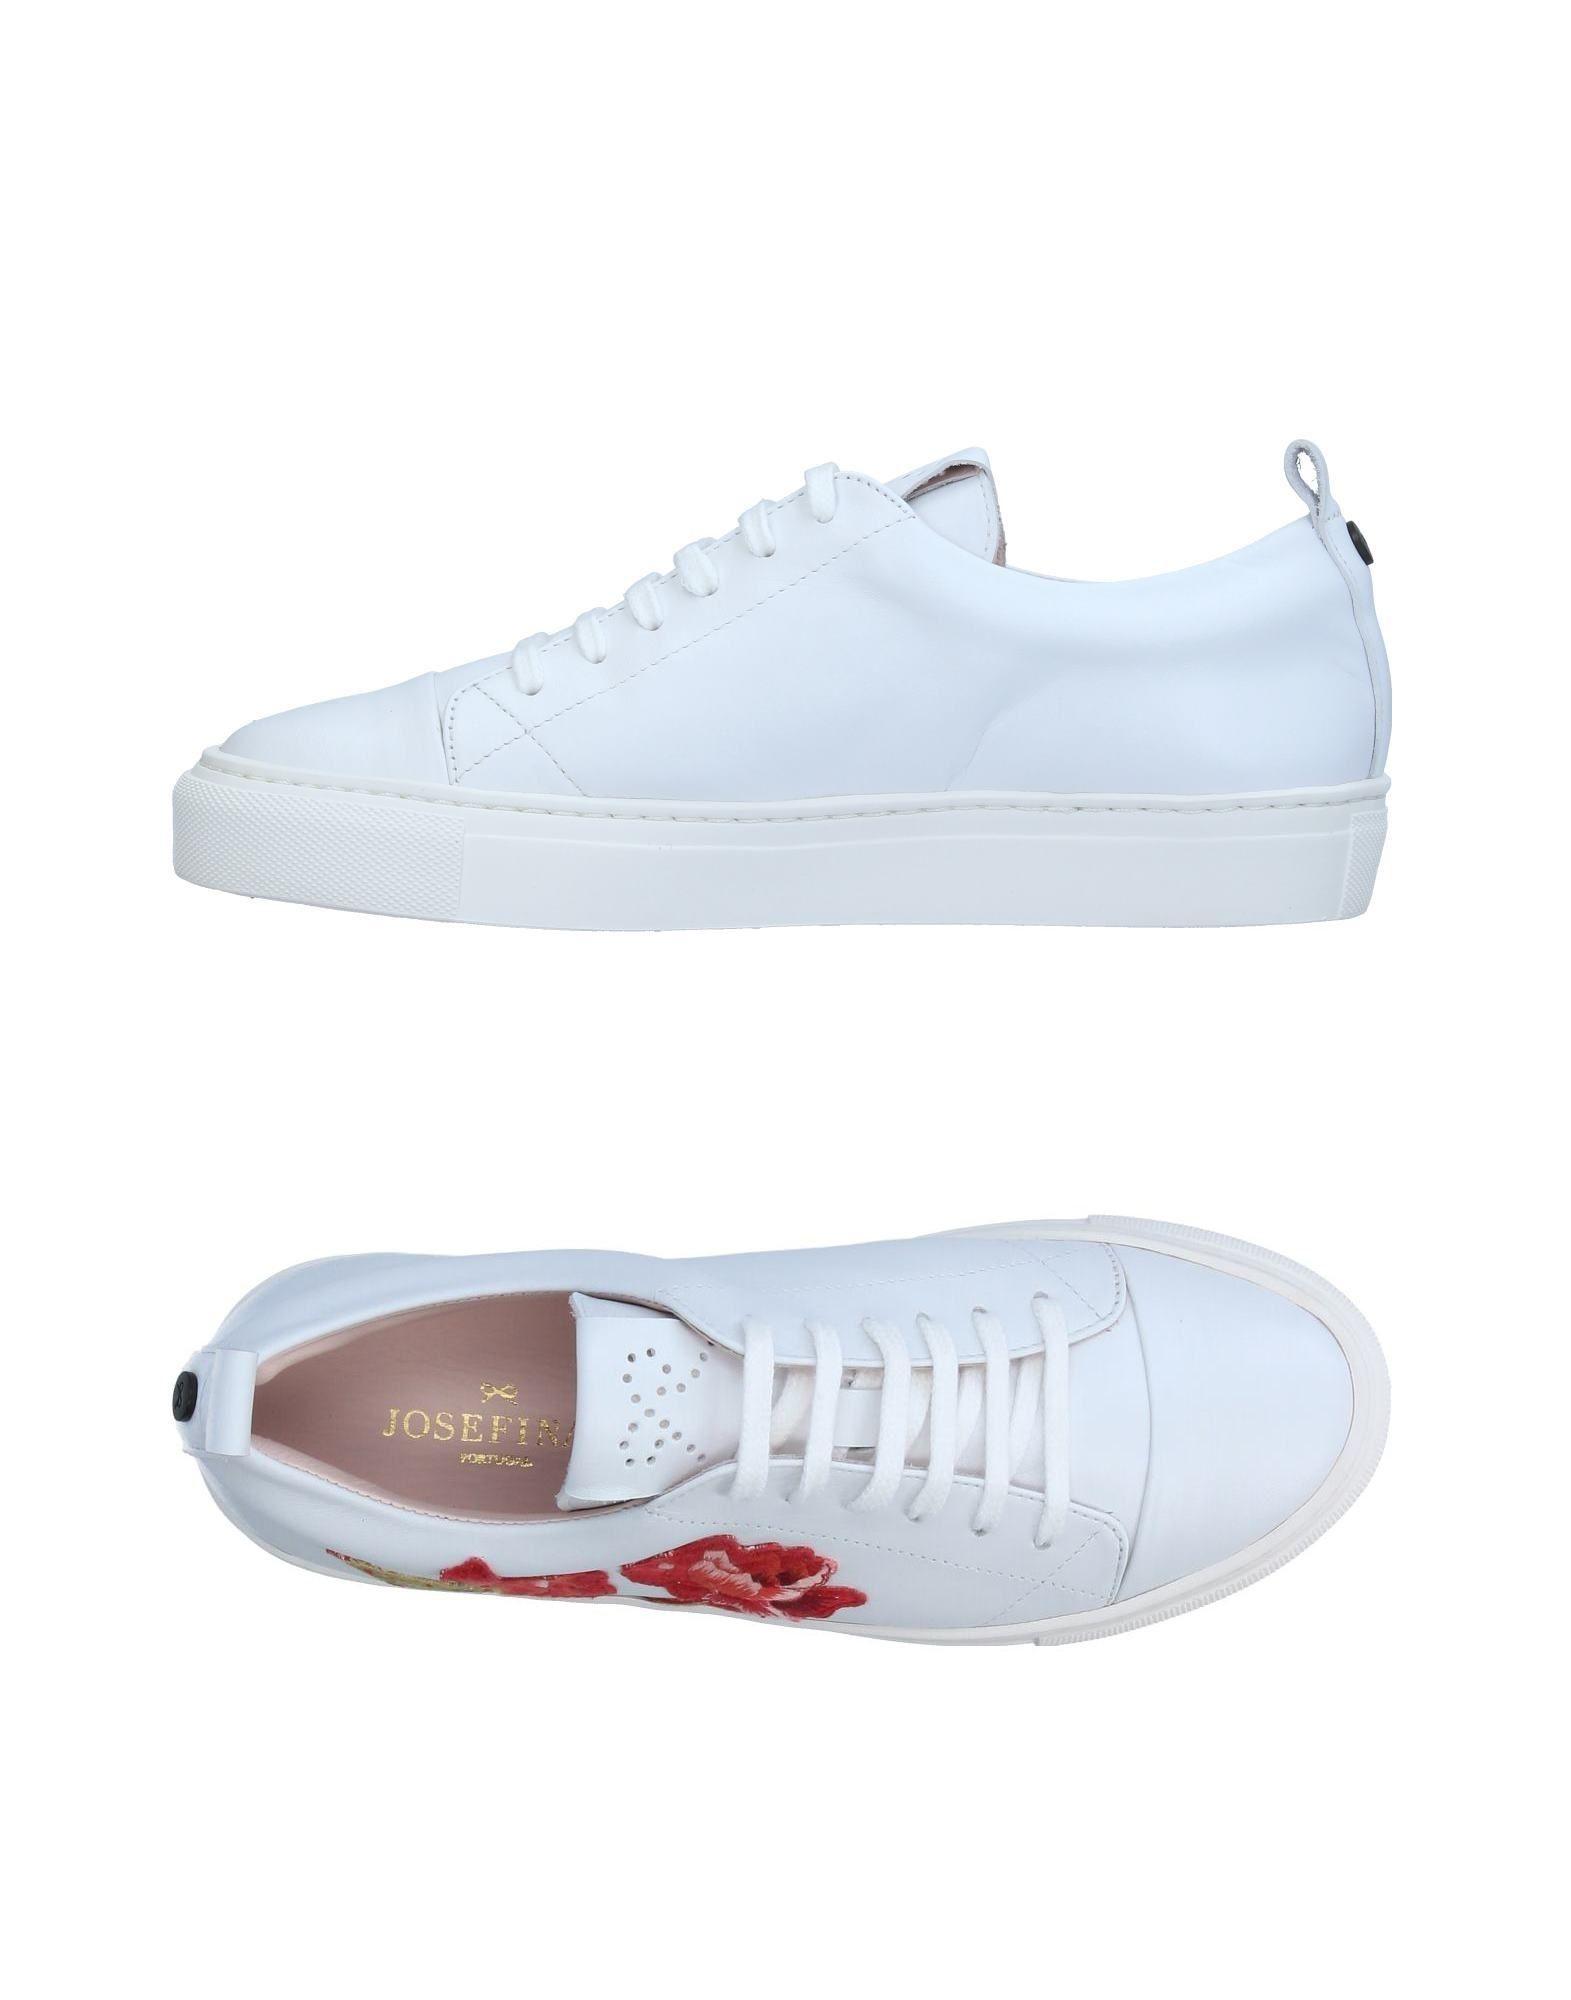 Josefinas Sneakers Damen  11359197EH Gute Qualität beliebte Schuhe